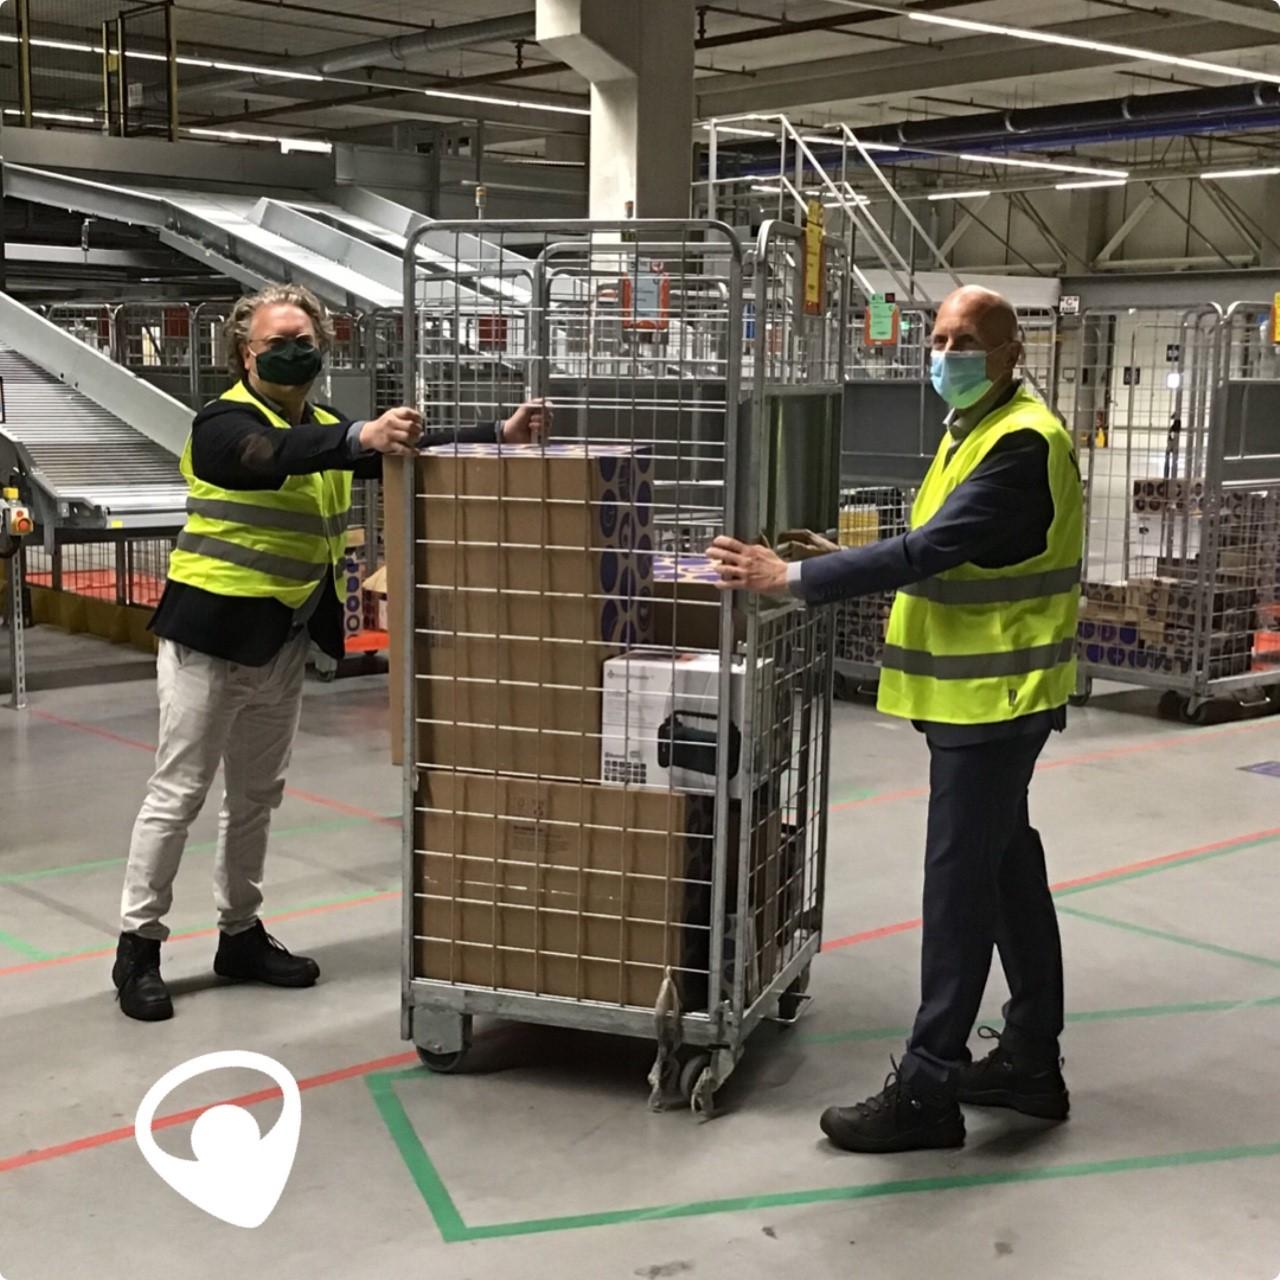 Met het verplaatsen van een rolcontainer is de samenwerkingsovereenkomst tussen Tempo Team en Baanbrekers gesloten.